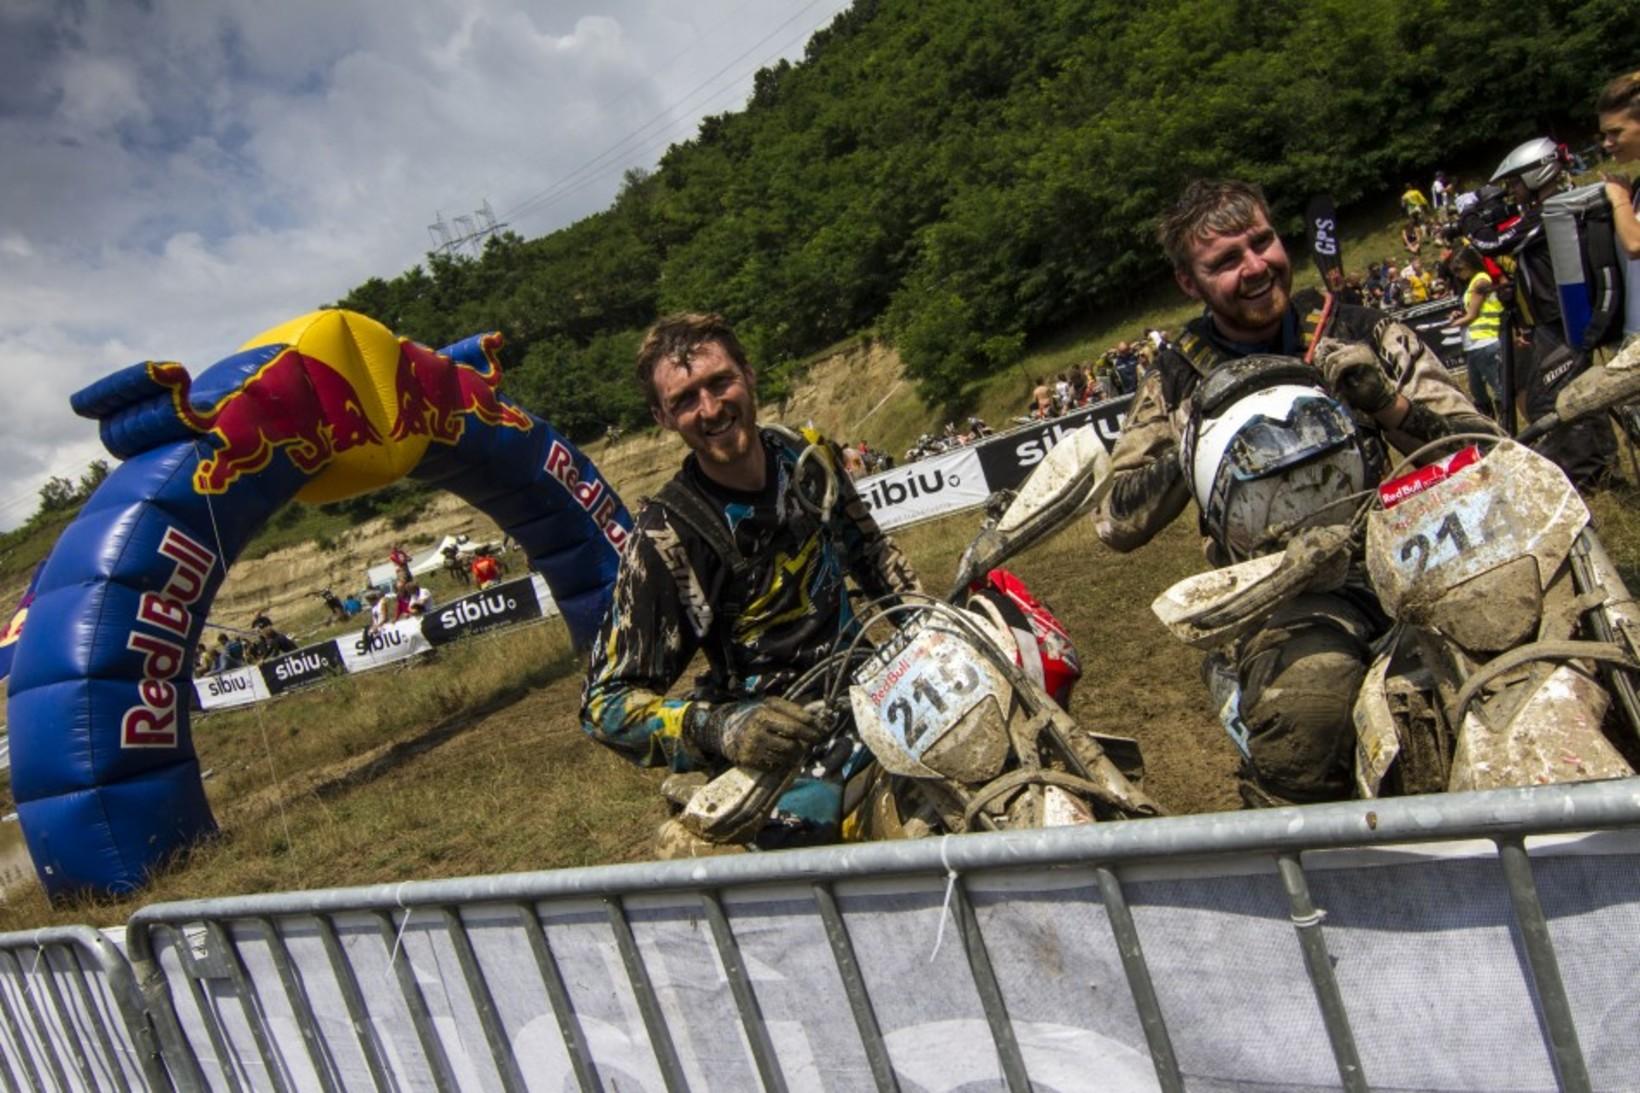 Off Road Skills at Red Bull Romaniacs